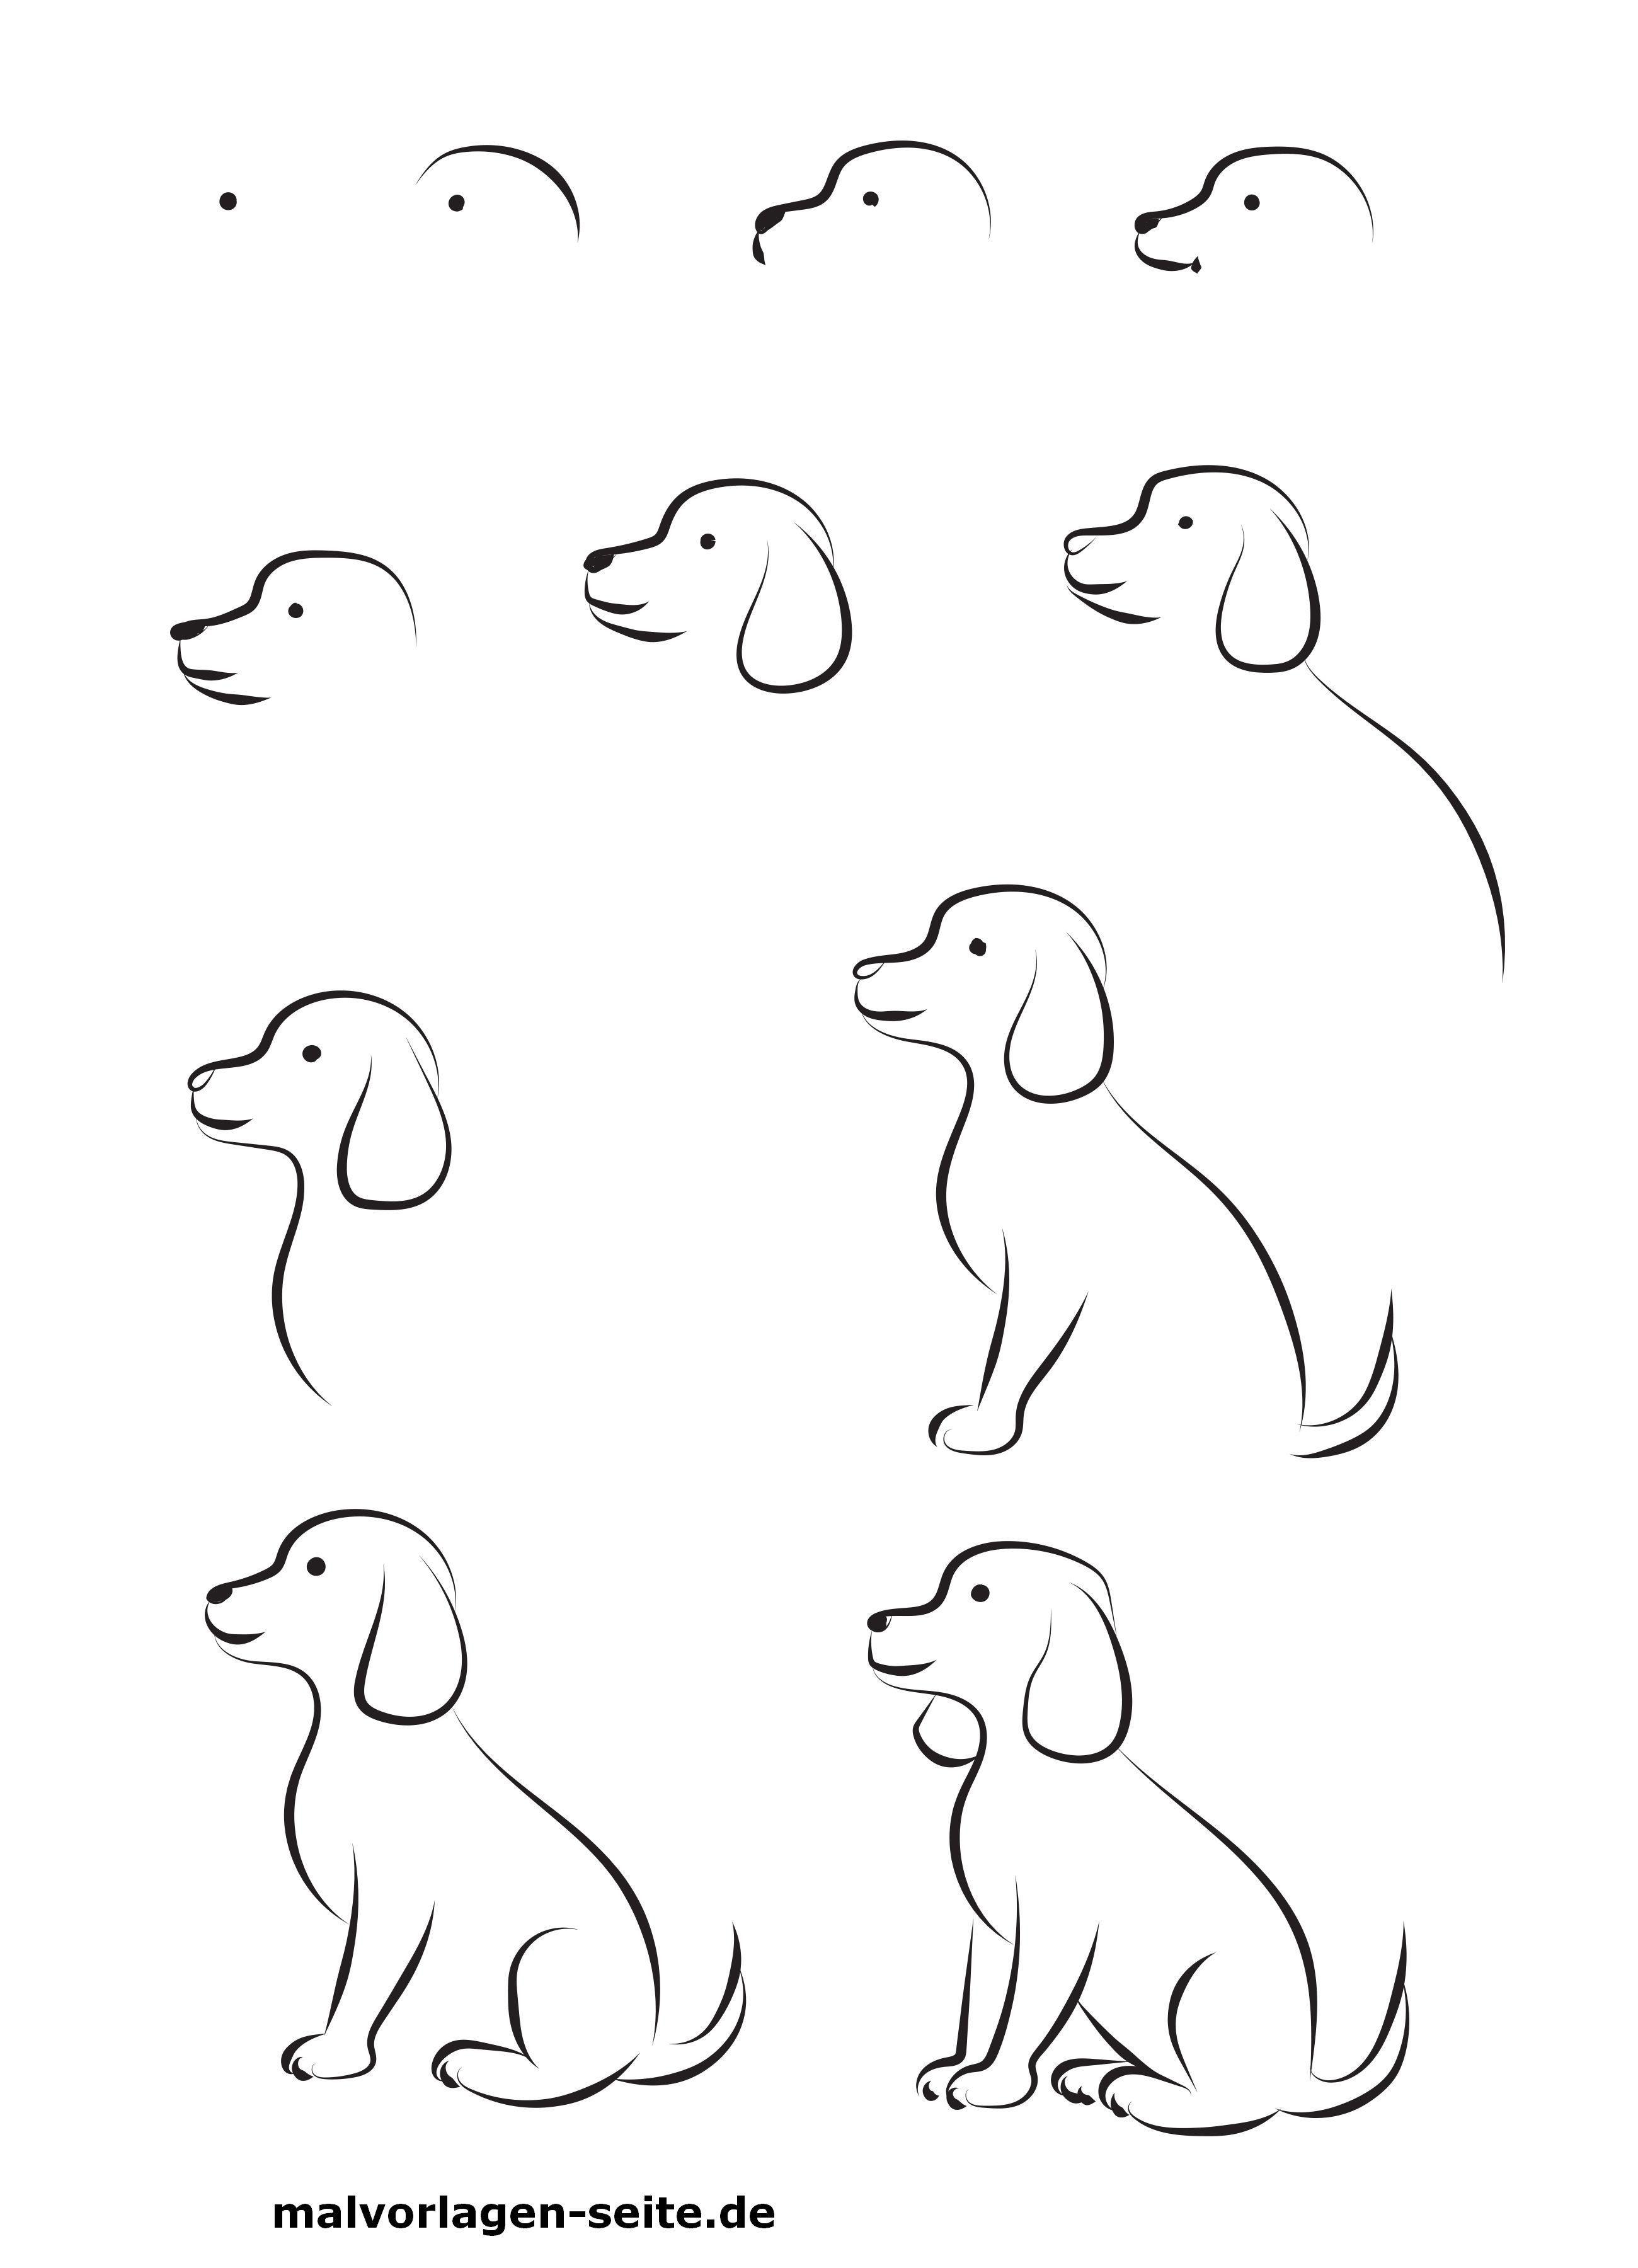 Google Ergebnis Fur Https Malvorlagen Seite De Wp Content Uploads 2018 08 Wie Malt Man Hund 1 Jpg In 2020 Hunde Malvorlagen Malen